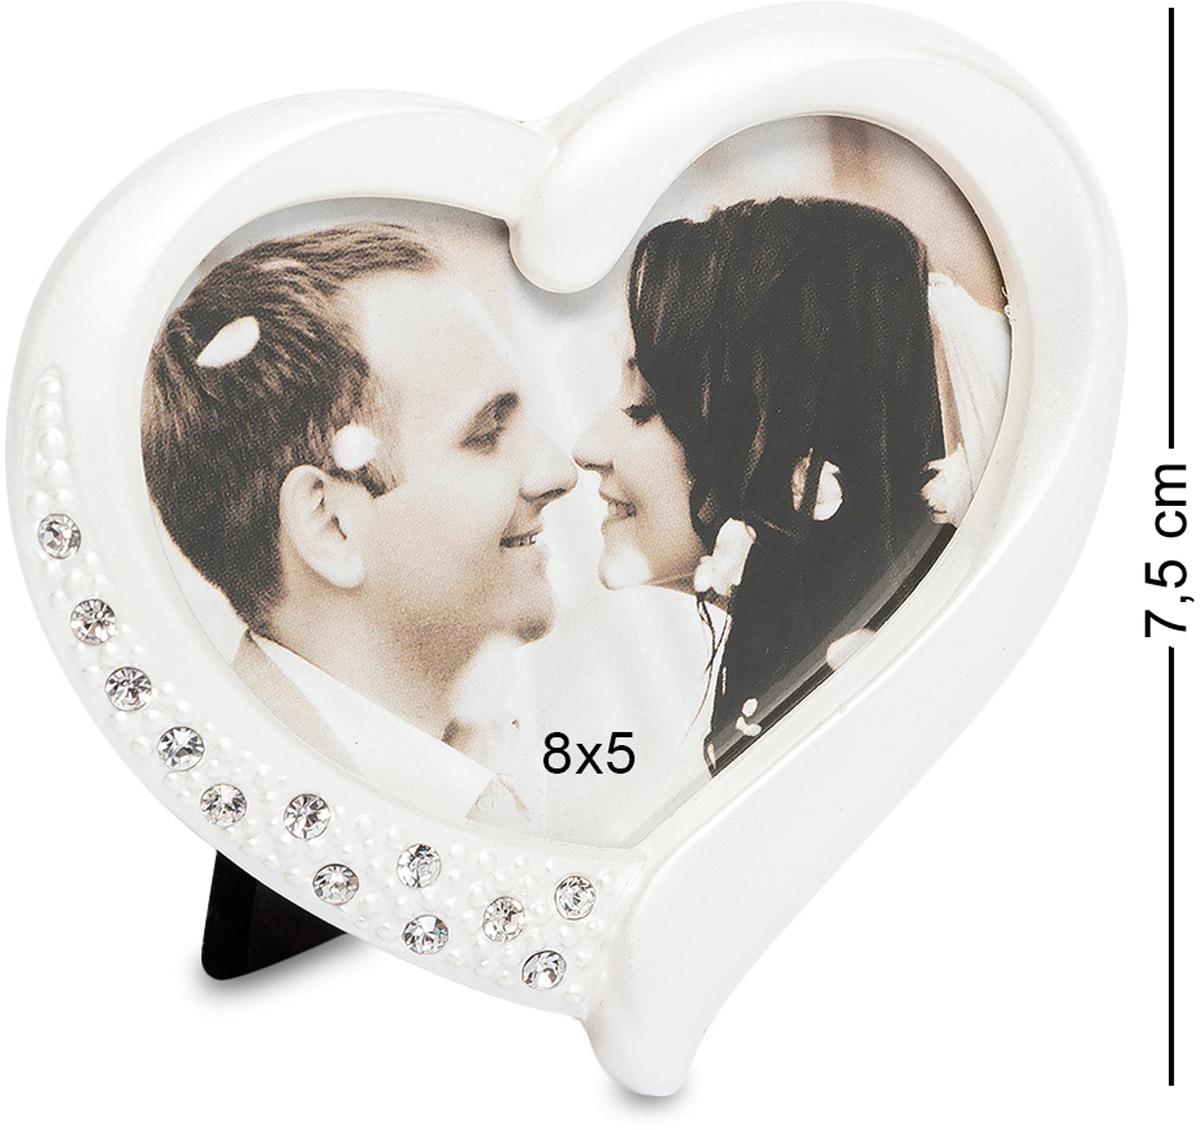 Фоторамка Bellezza Casa Сердце, фото 8х5. CHK-165RG-D31SФоторамка для фотографий 8х5 см.Влюбленные любят часто и много фотографироваться, а также дарить друг другу свои фотографии. Эти фотографии хочется поставить на самое видное место в комнате и бесконечно любоваться любимыми чертами. Для таких особенных фото подойдет фоторамка Сердце.Фоторамка Сердце размером 13х13выполнена в виде сердца. Материалом, из которого сделана рамка, является металл. Вверху рамка усыпана стразами, которые при малейшем попадании солнца, заиграют на стенах комнаты веселыми солнечными зайчиками, тем самым создадут прекрасное настроение ее обладателю. Стразы предают фоторамке особенную торжественность и неповторимость.Фоторамка Сердце станет очаровательным подарком любимой девушке на день святого Валентина или будет прекрасным дополнением к свадебному подарку. Такую рамку можно подарить любимой маме или любящей дочери.